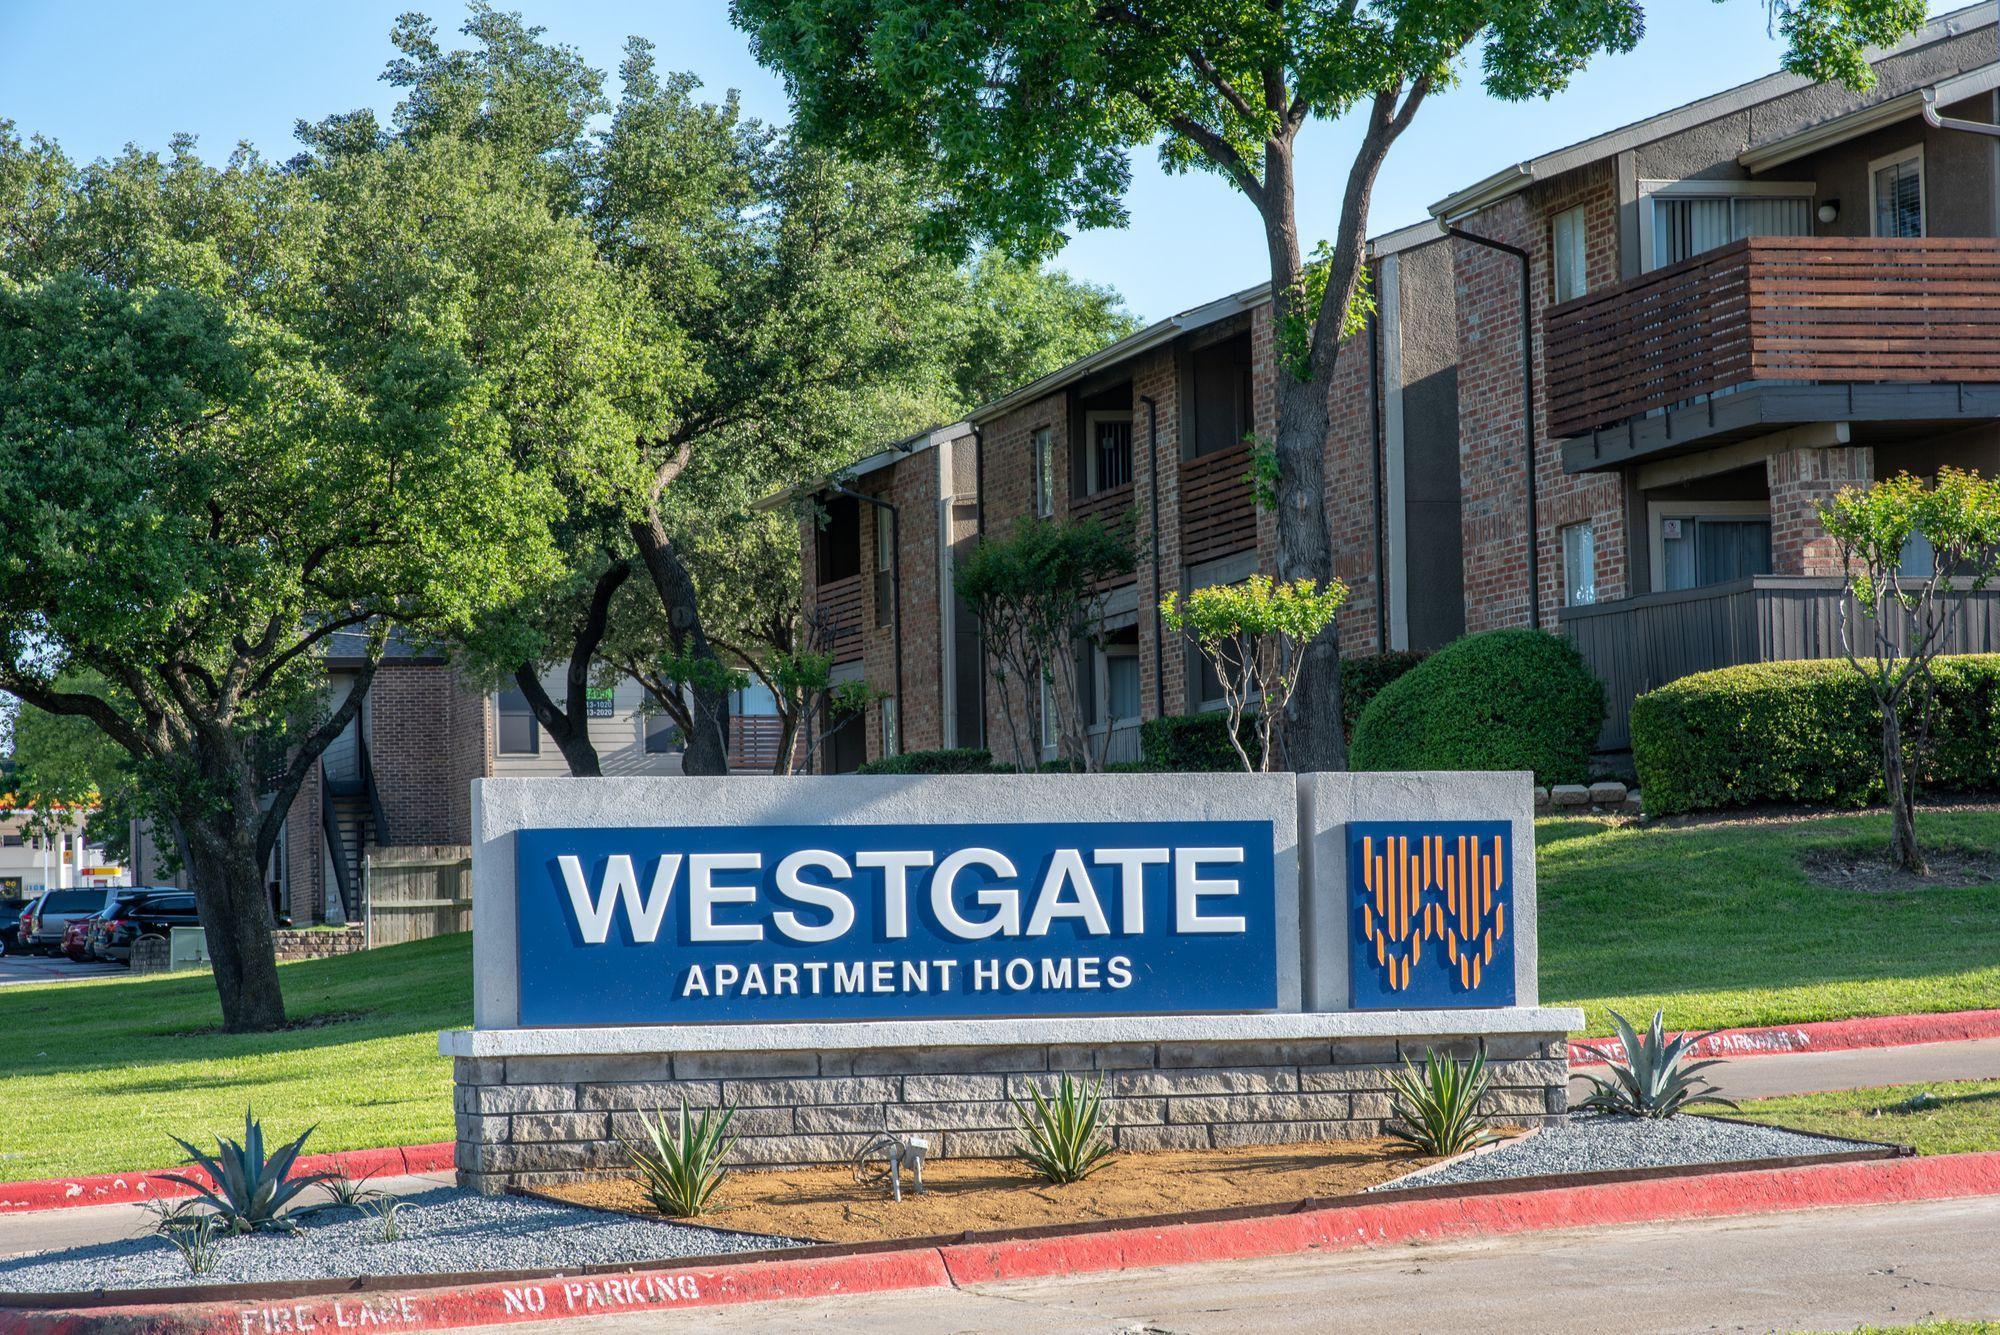 Westgate photo